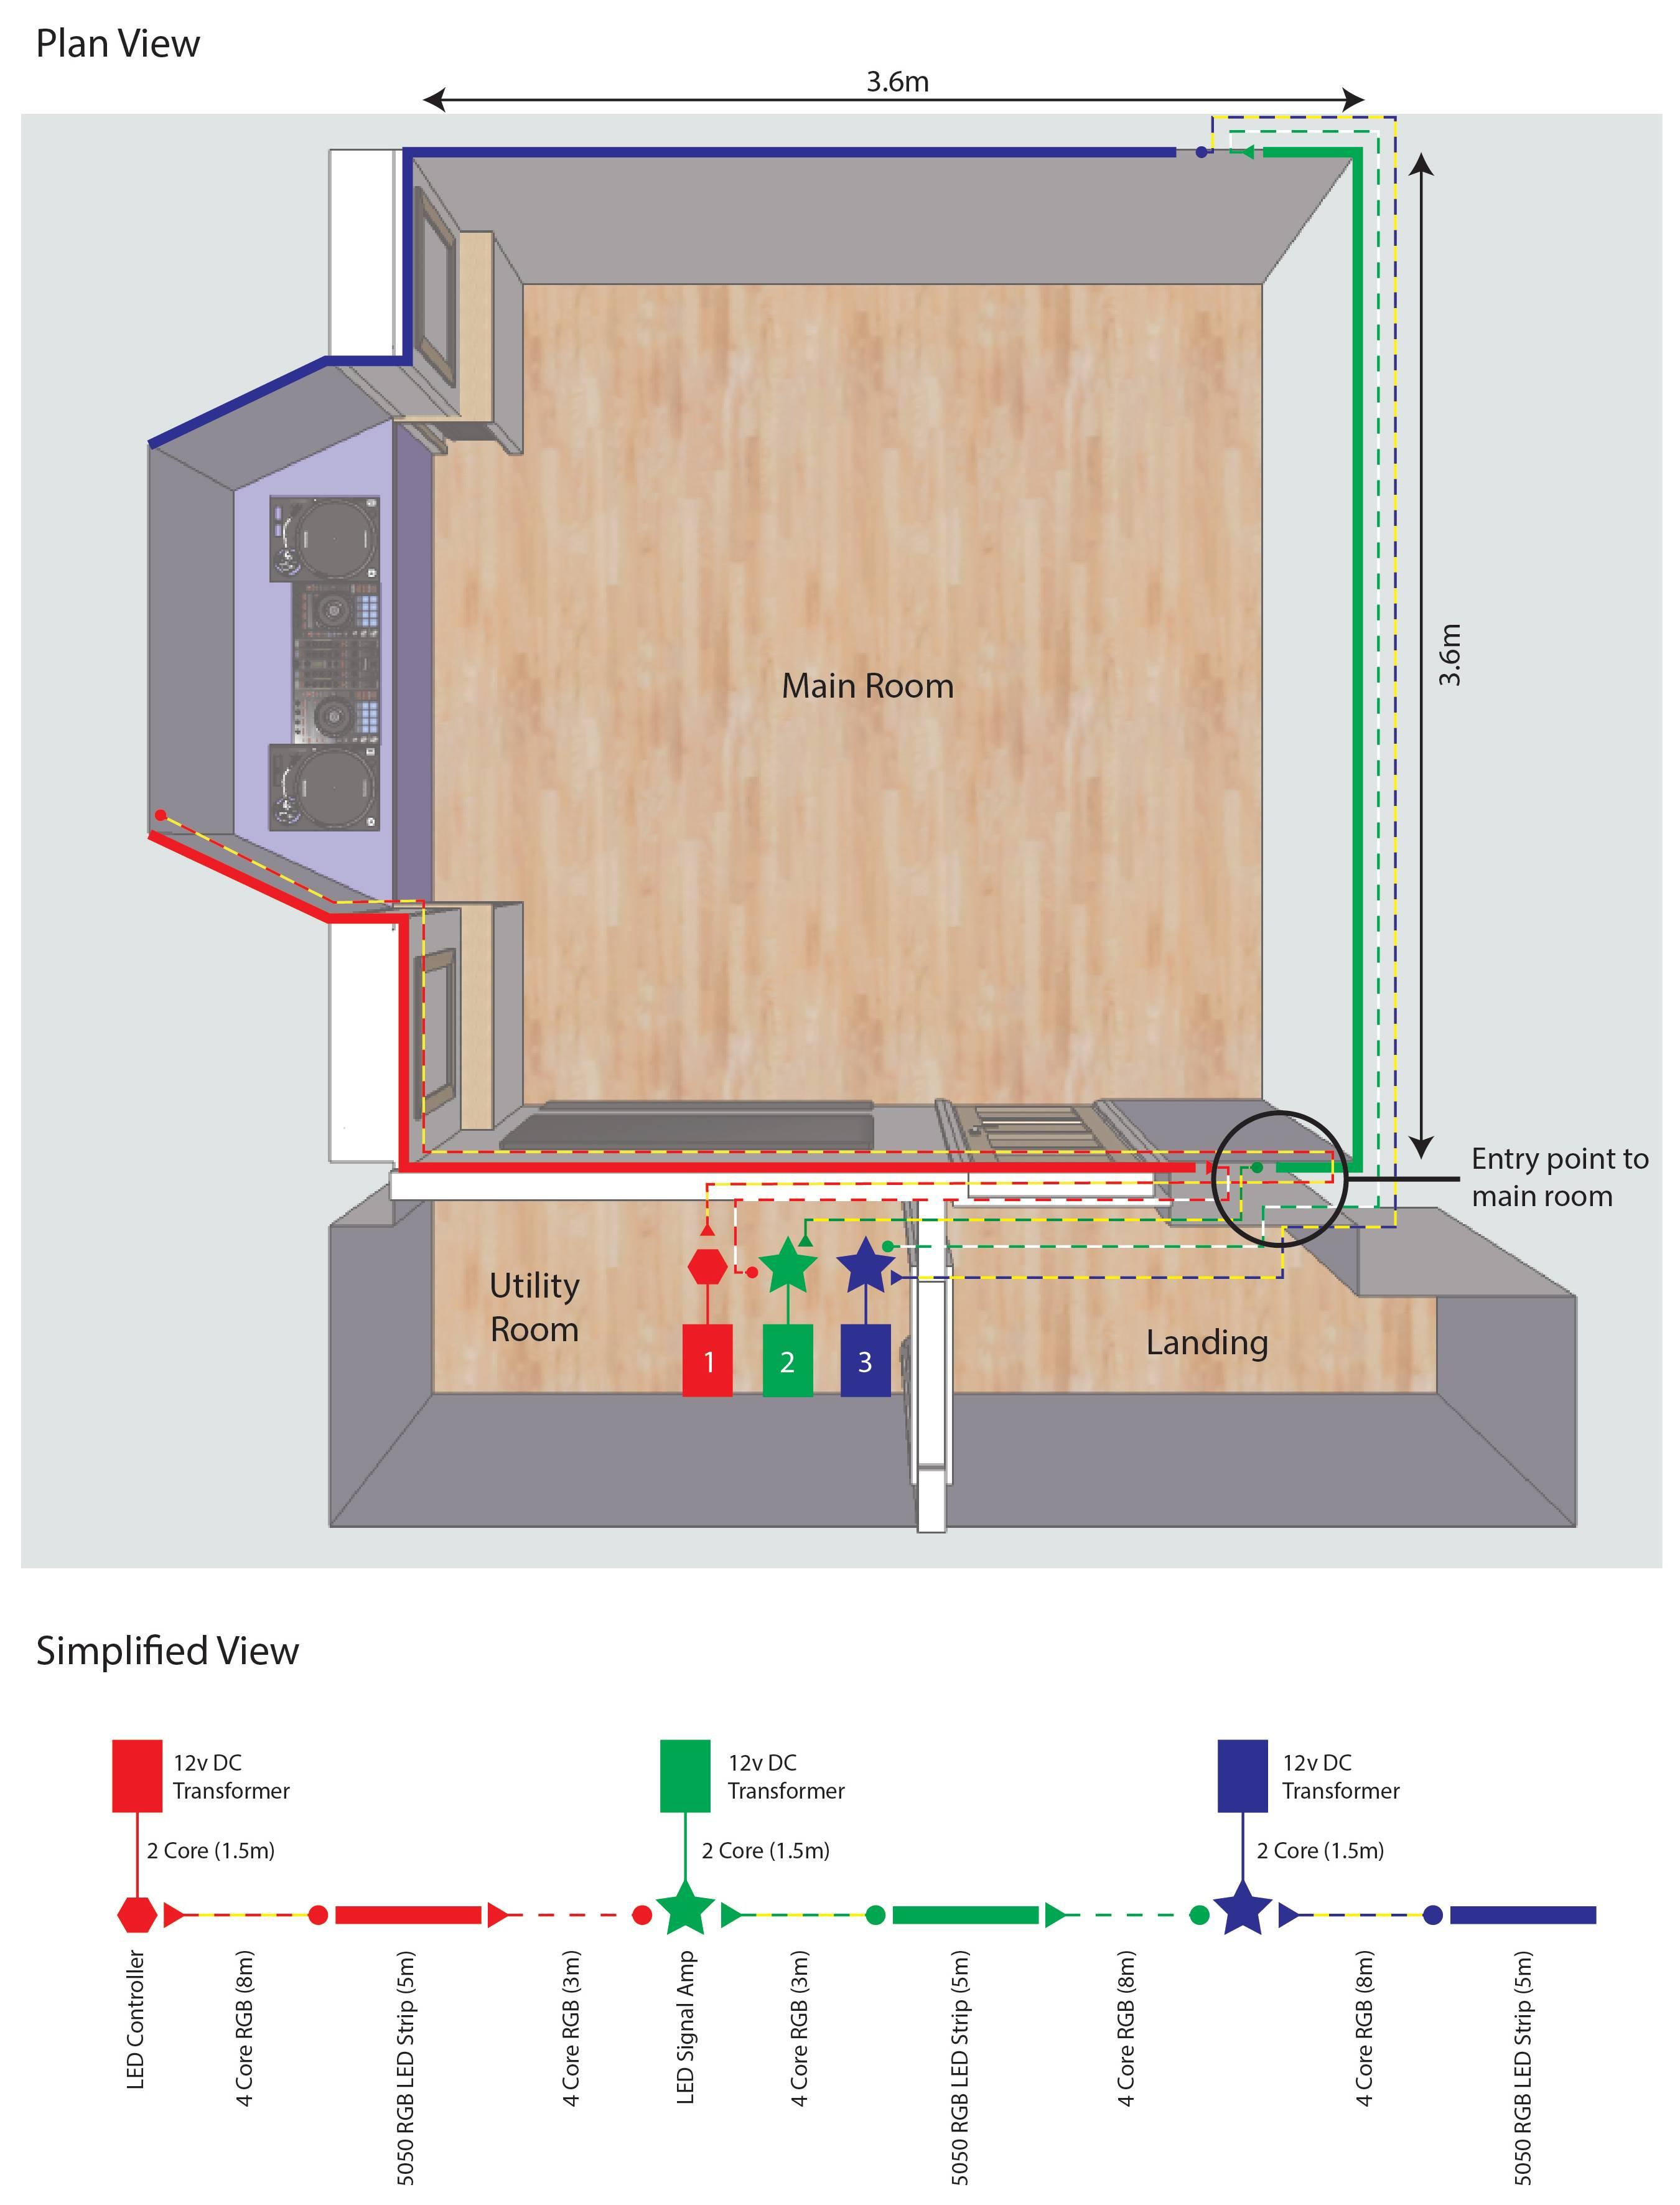 120V Led Strips Rgb Wiring Diagram | Manual E-Books - Rgb Led Wiring Diagram